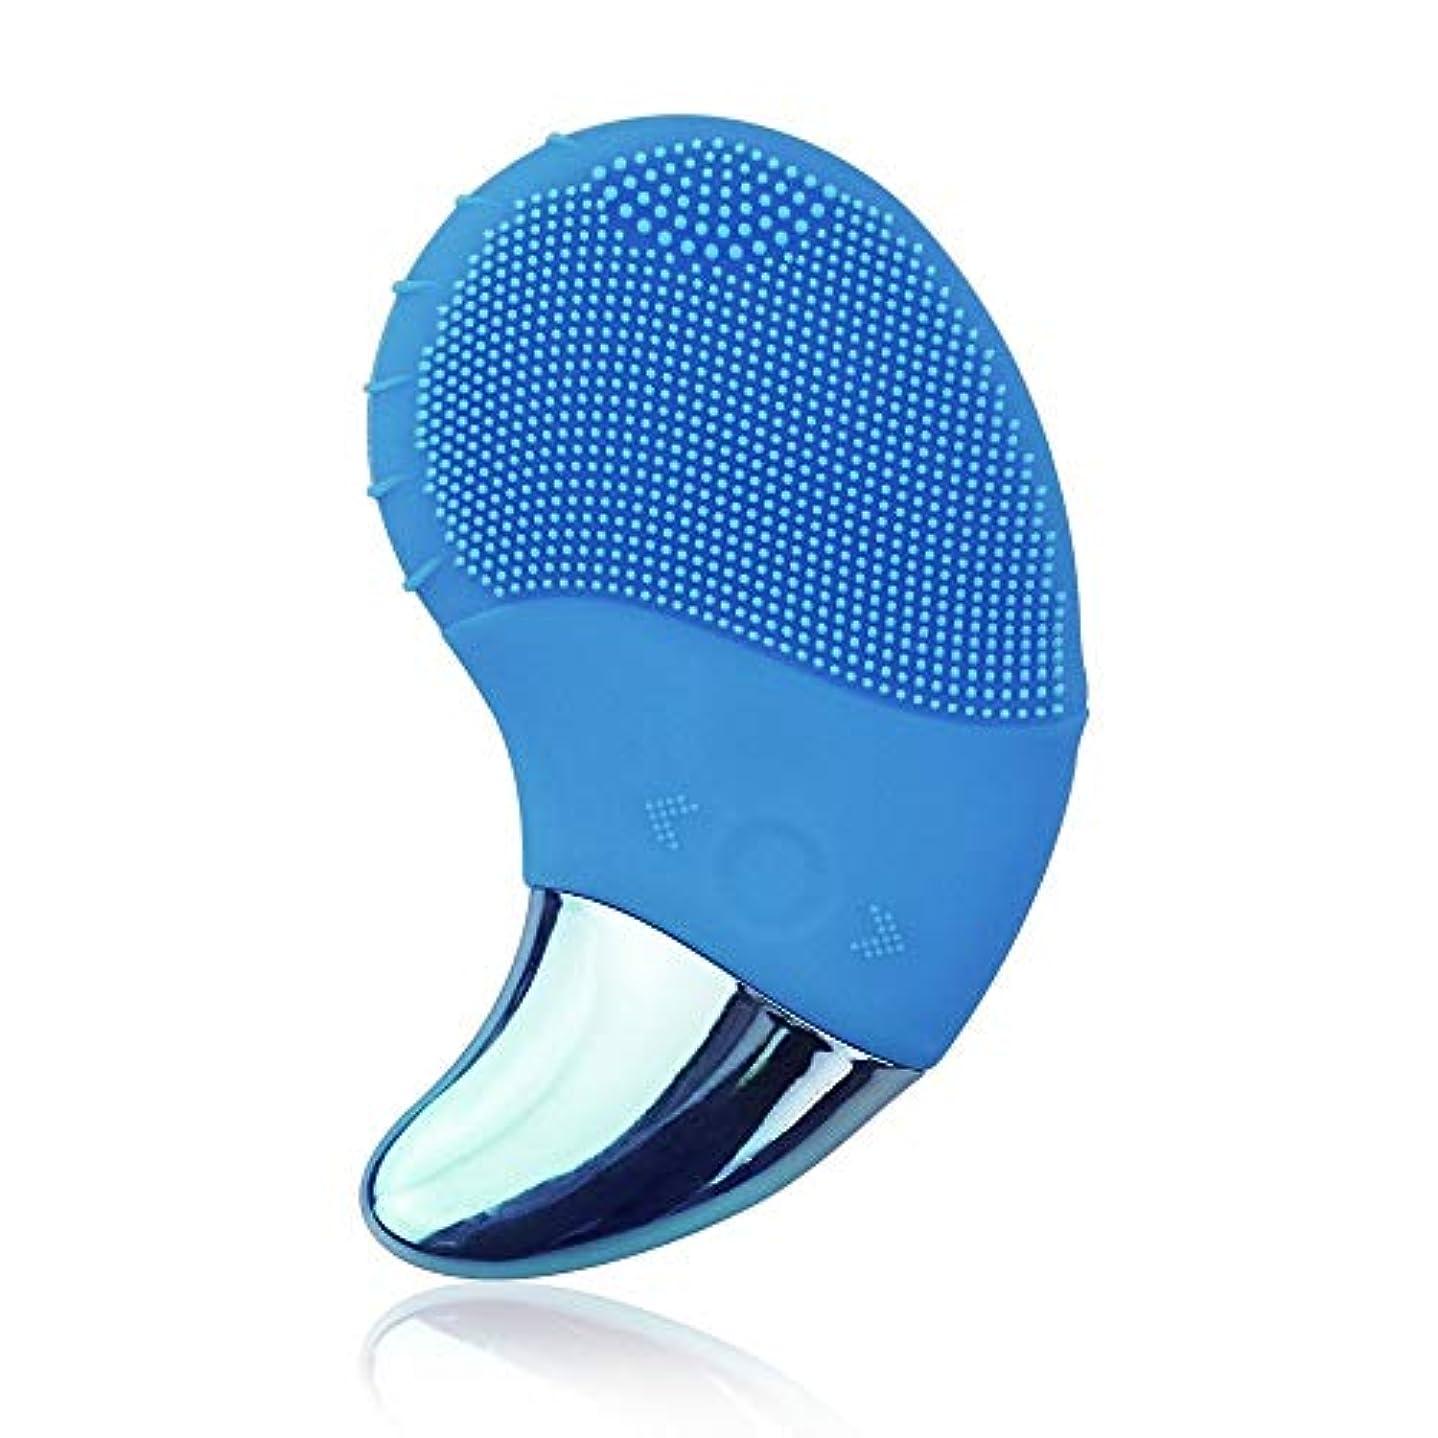 和解する生産性地中海電気シリコンフェイシャルスクラバークレンジングブラシデバイス、男性用、女性用、ディープクリーニング用、すべての肌タイプ防水充電式フェイスブラシクレンザー、スマートアプリ付き(青、アップグレードバージョン)